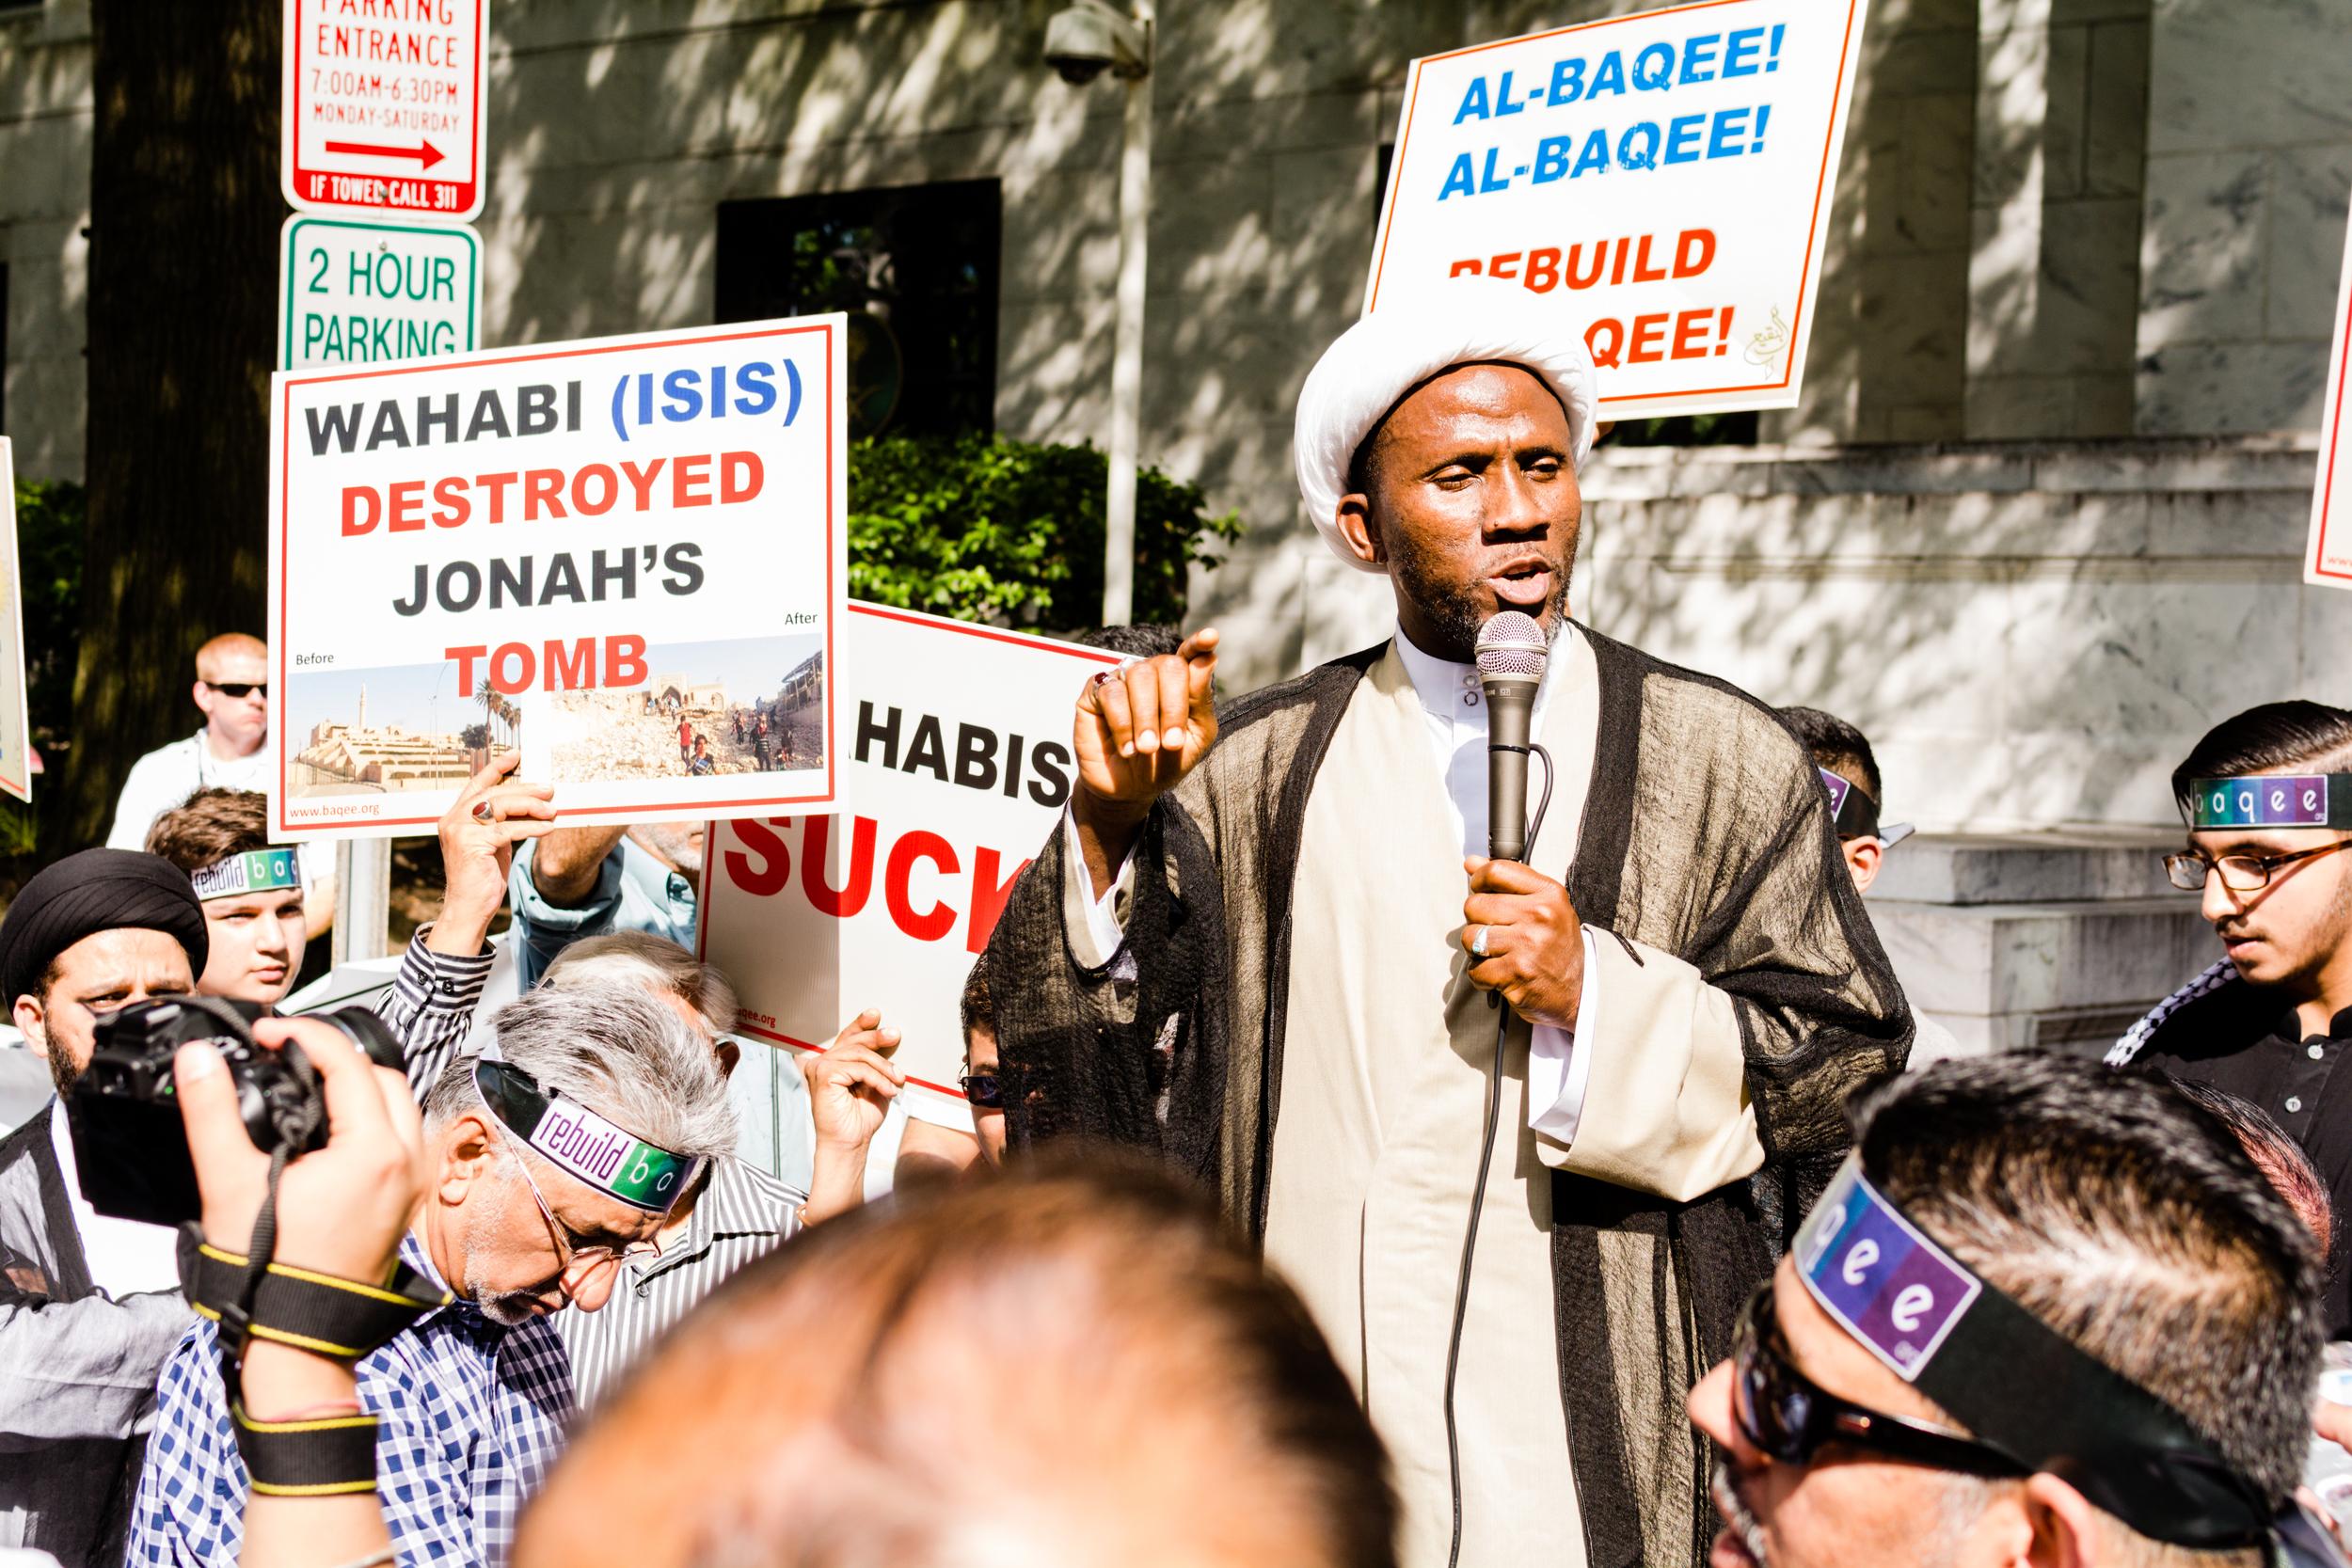 Sheikh Abdul Jaleel